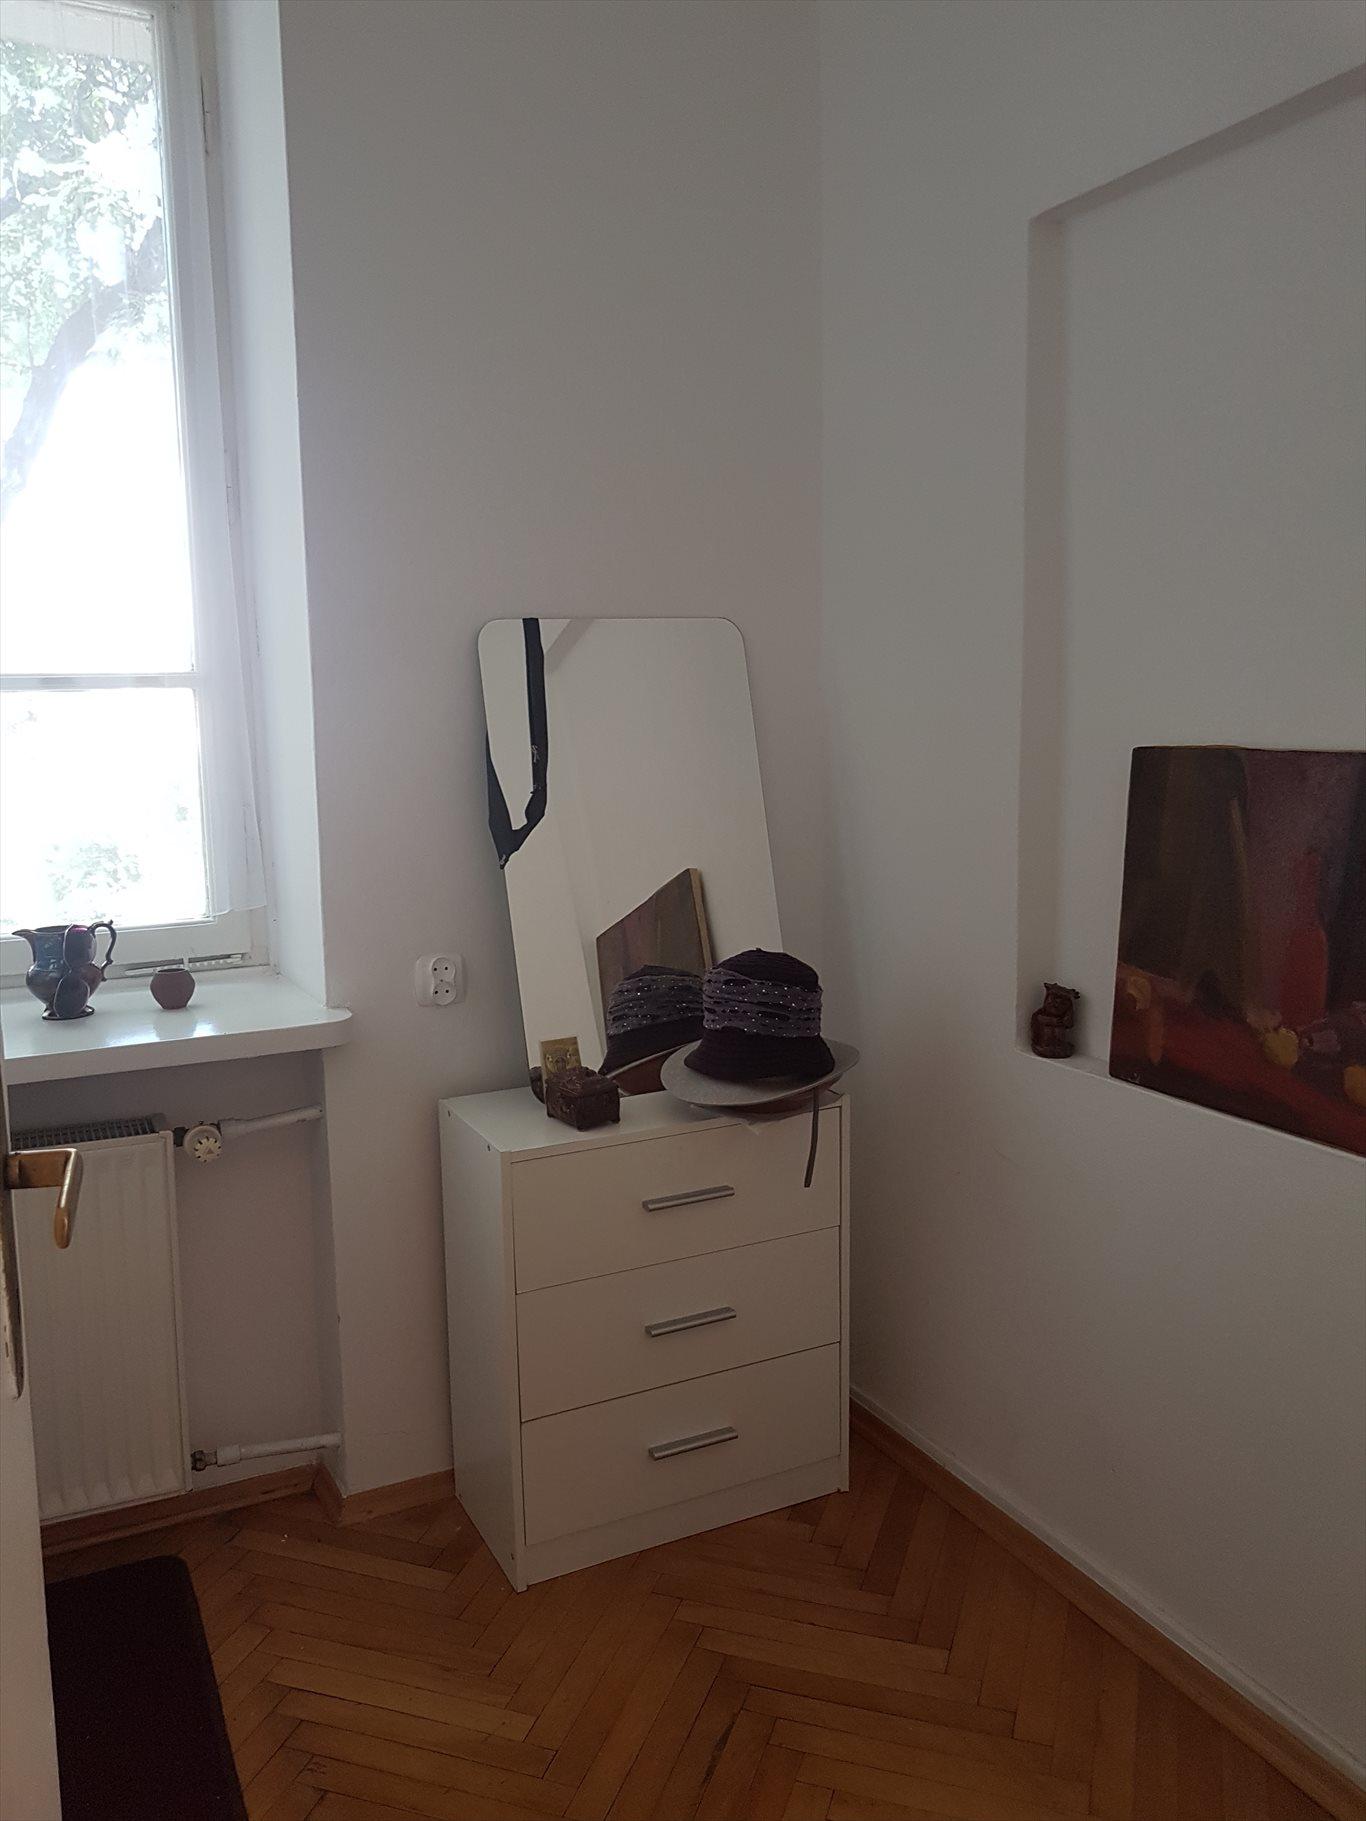 Dom na wynajem Warszawa, Praga-Południe, Saska Kępa, Walecznych  280m2 Foto 6